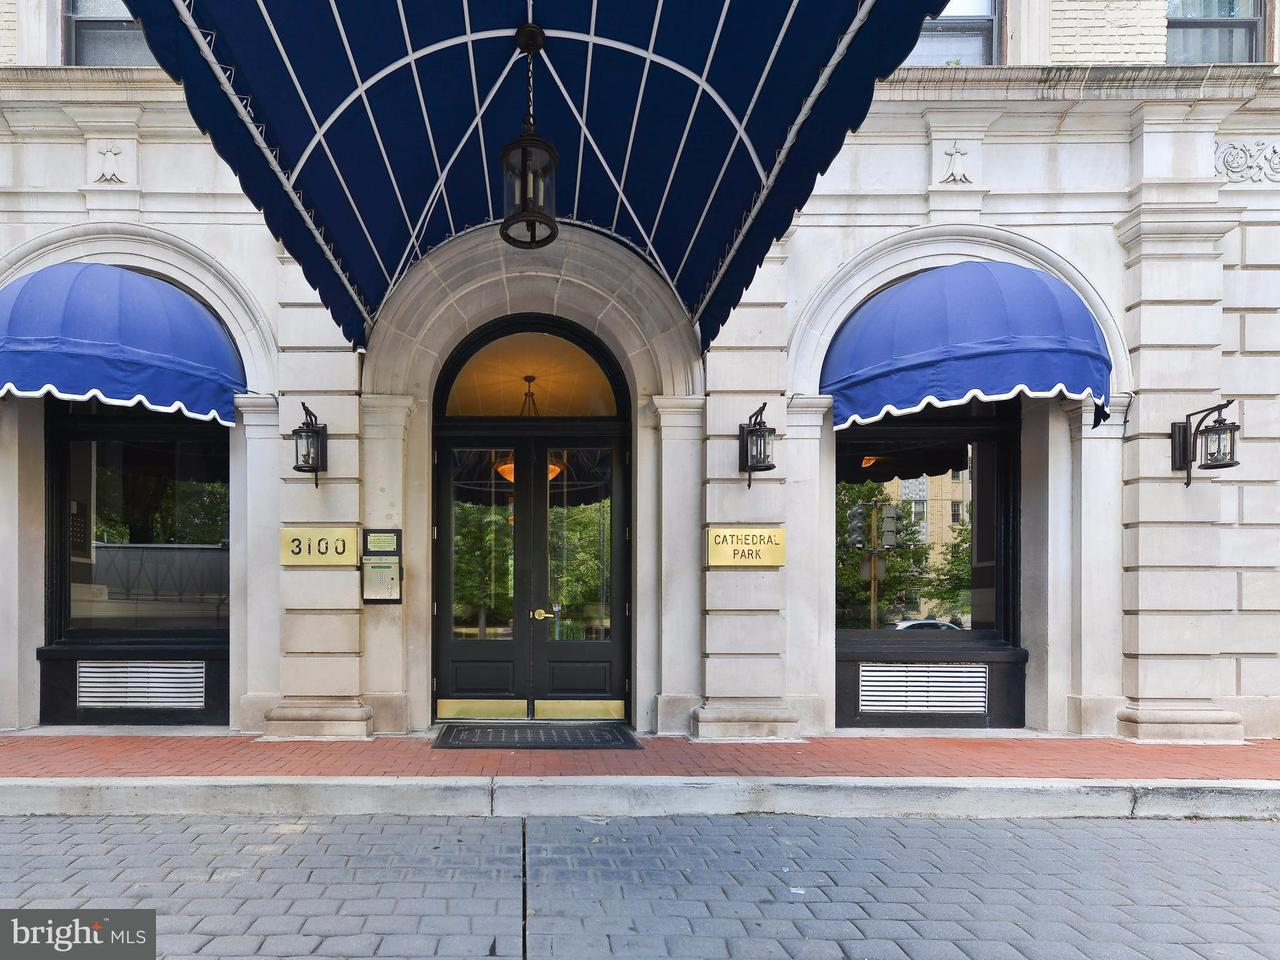 共管式独立产权公寓 为 销售 在 3100 Connecticut Ave Nw #323 3100 Connecticut Ave Nw #323 华盛顿市, 哥伦比亚特区 20008 美国